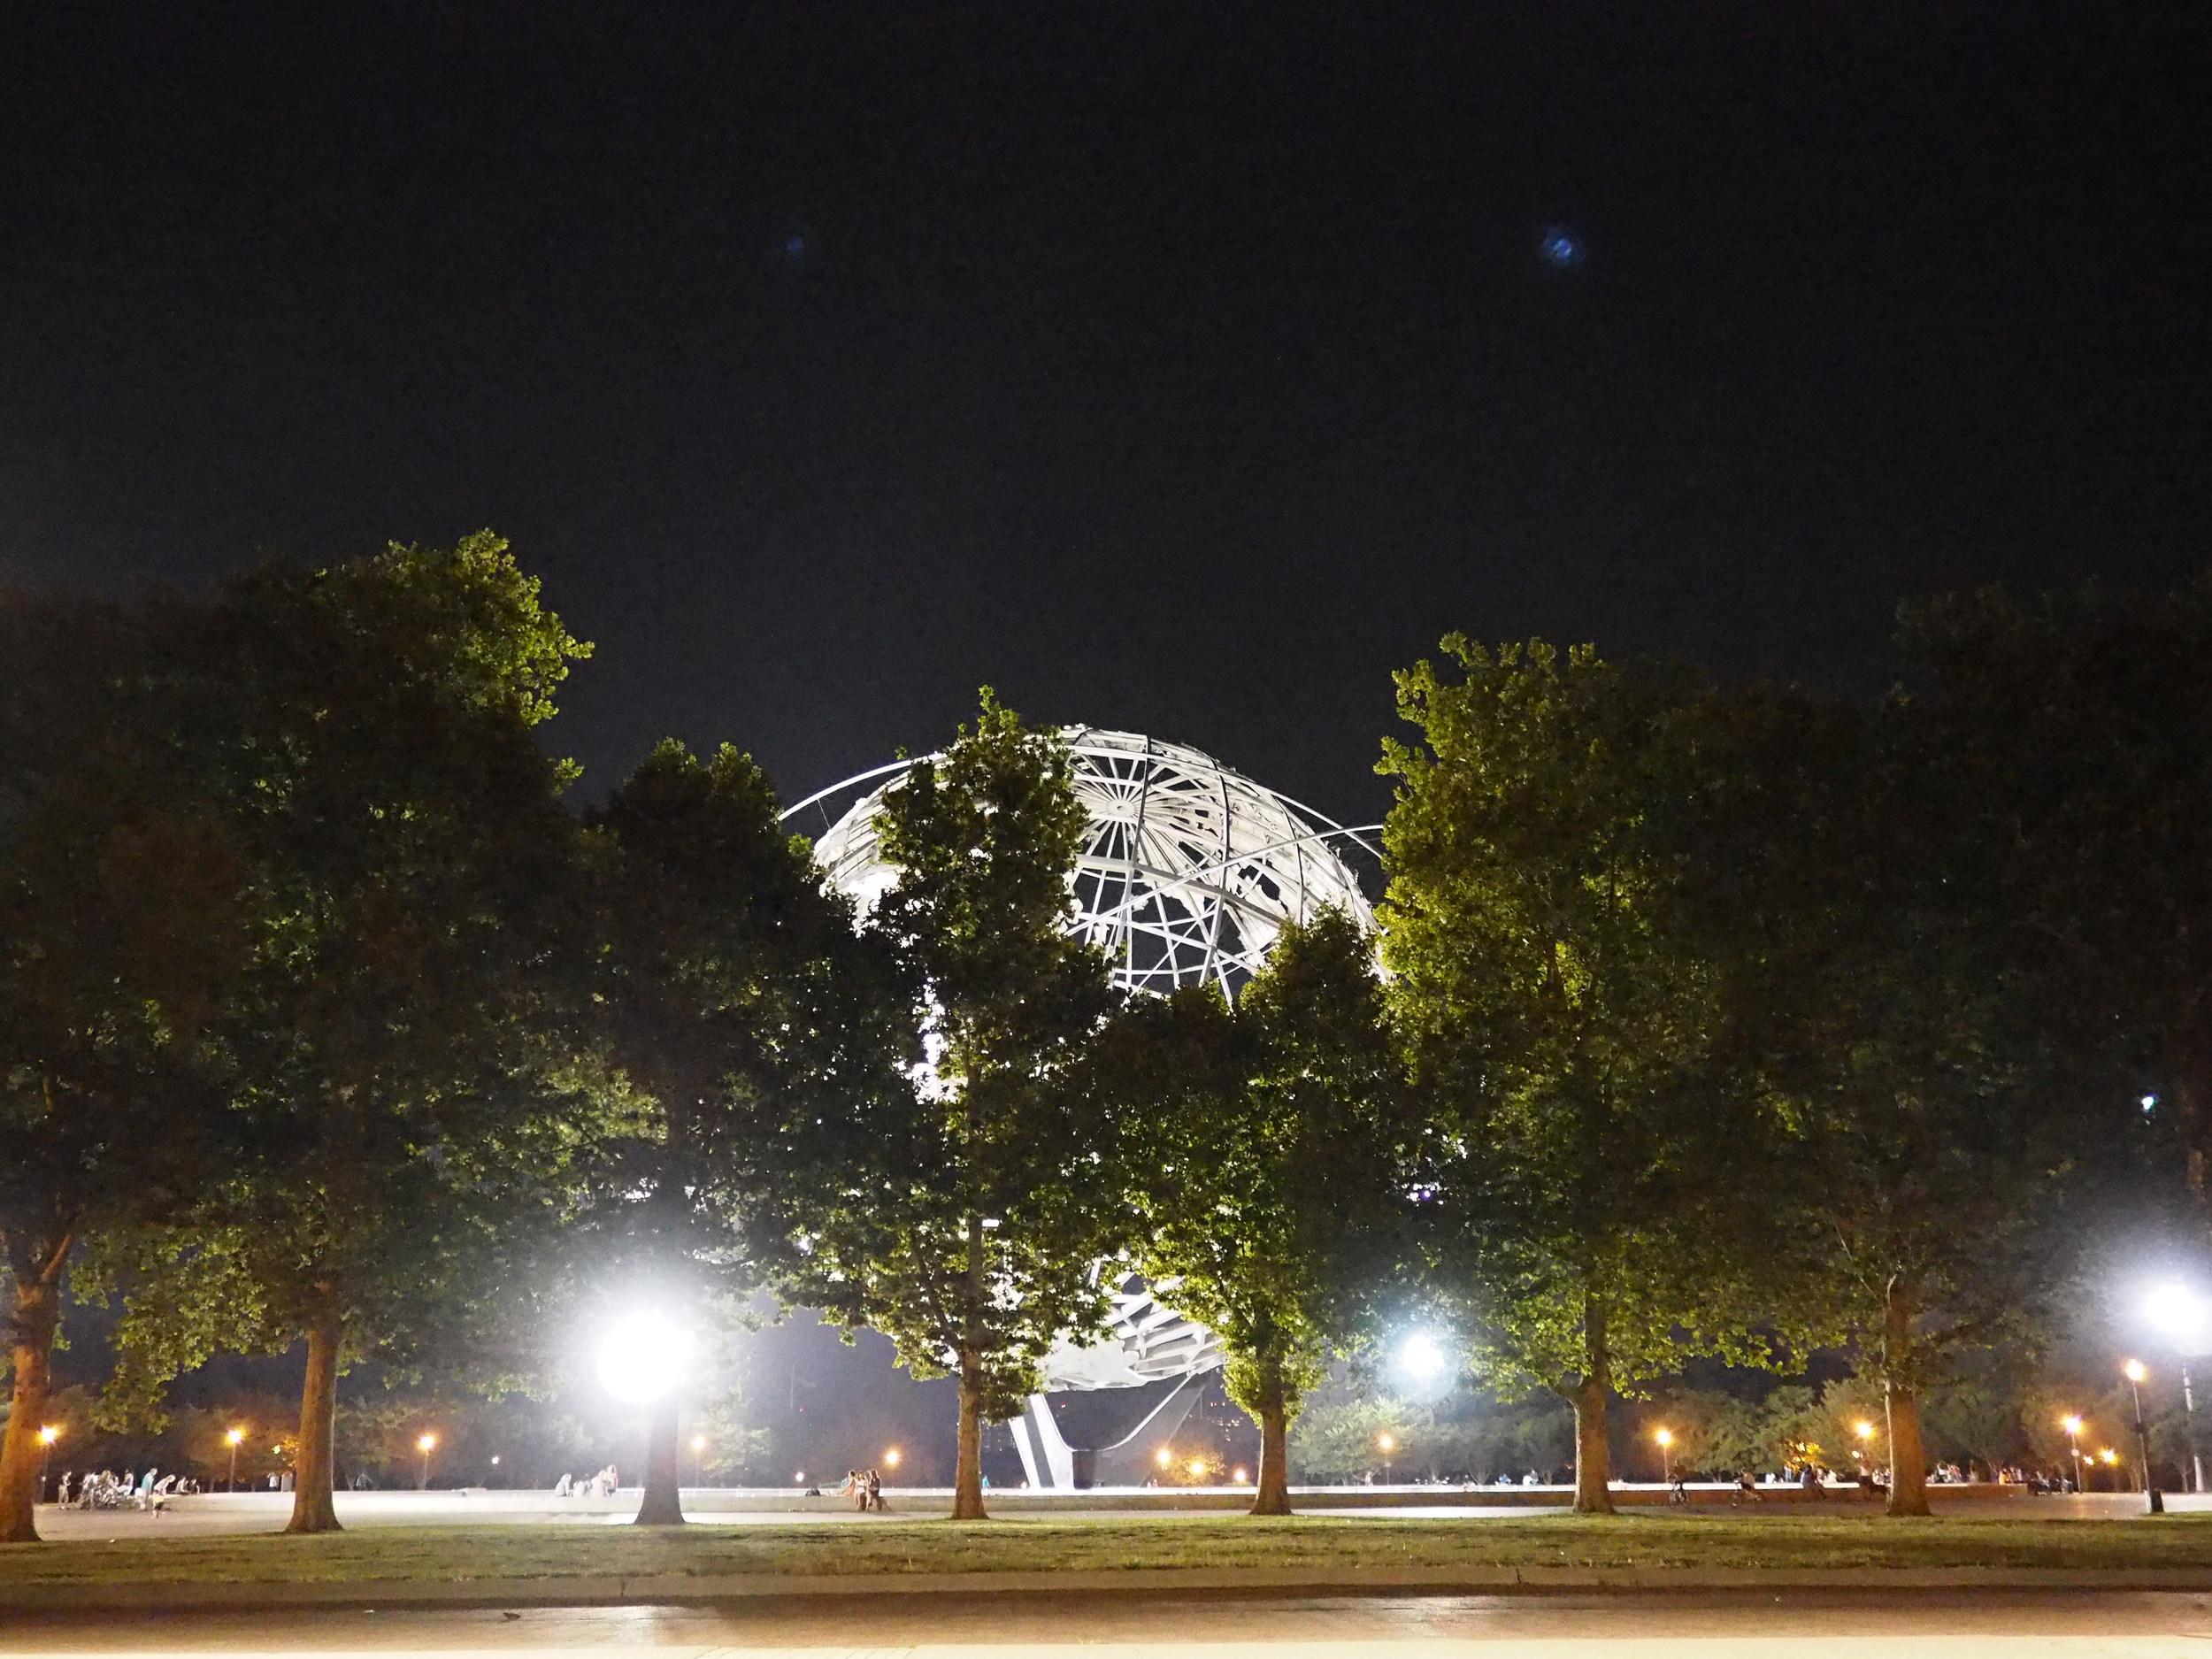 The Unisphere in Queens •17mm • f/1.8 • 1/100 •ISO 10,000